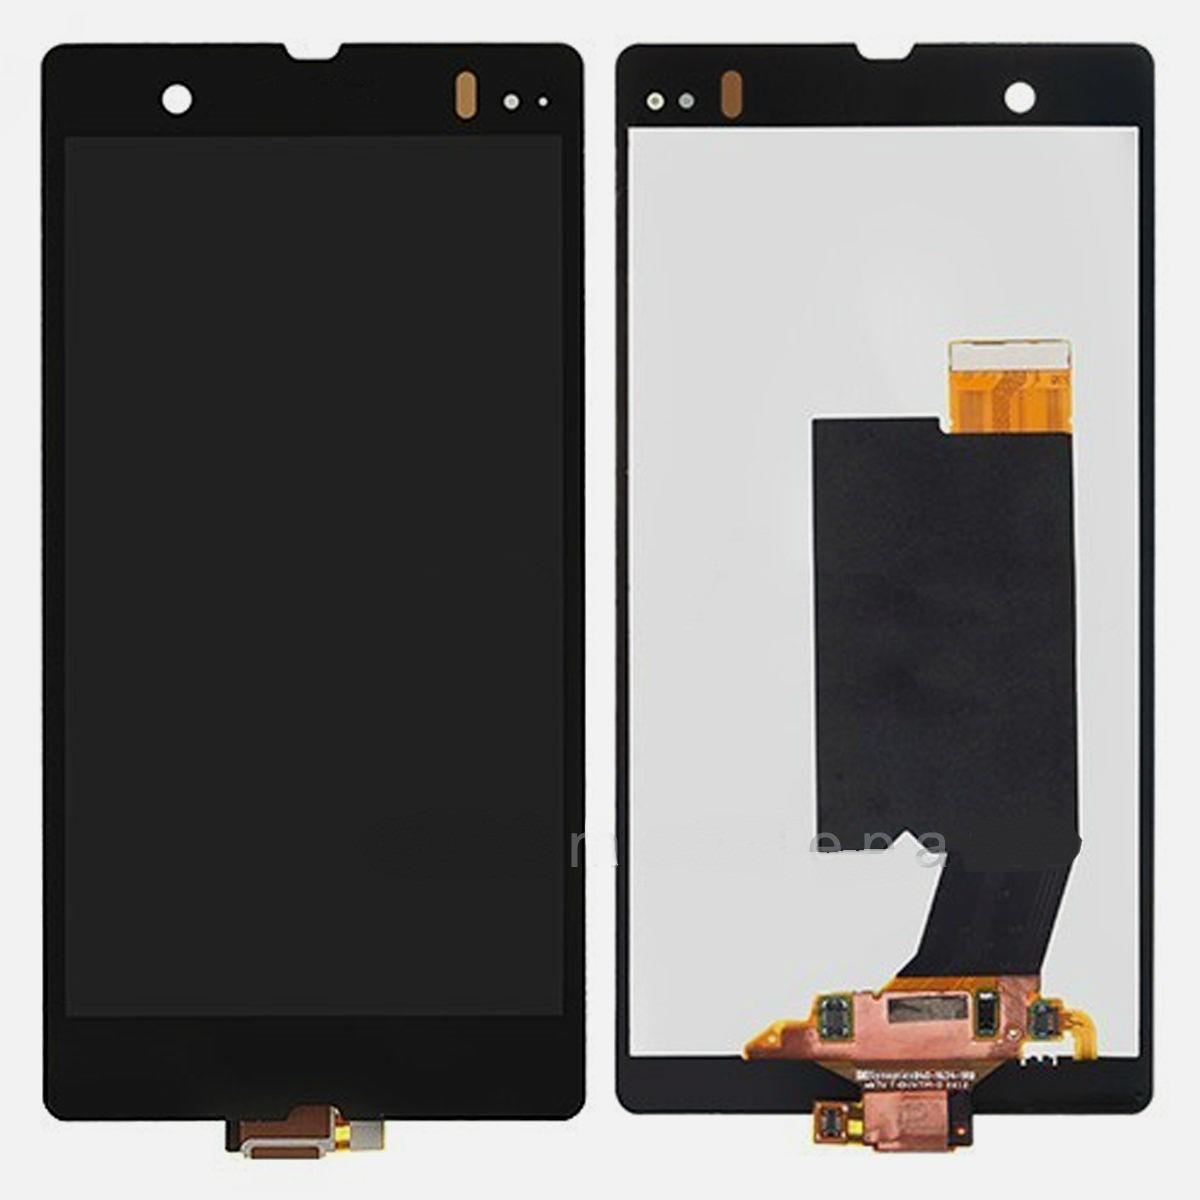 เปลี่ยนจอ Sony Xperia Z C6602 หน้าจอแตก ทัสกรีนกดไม่ได้